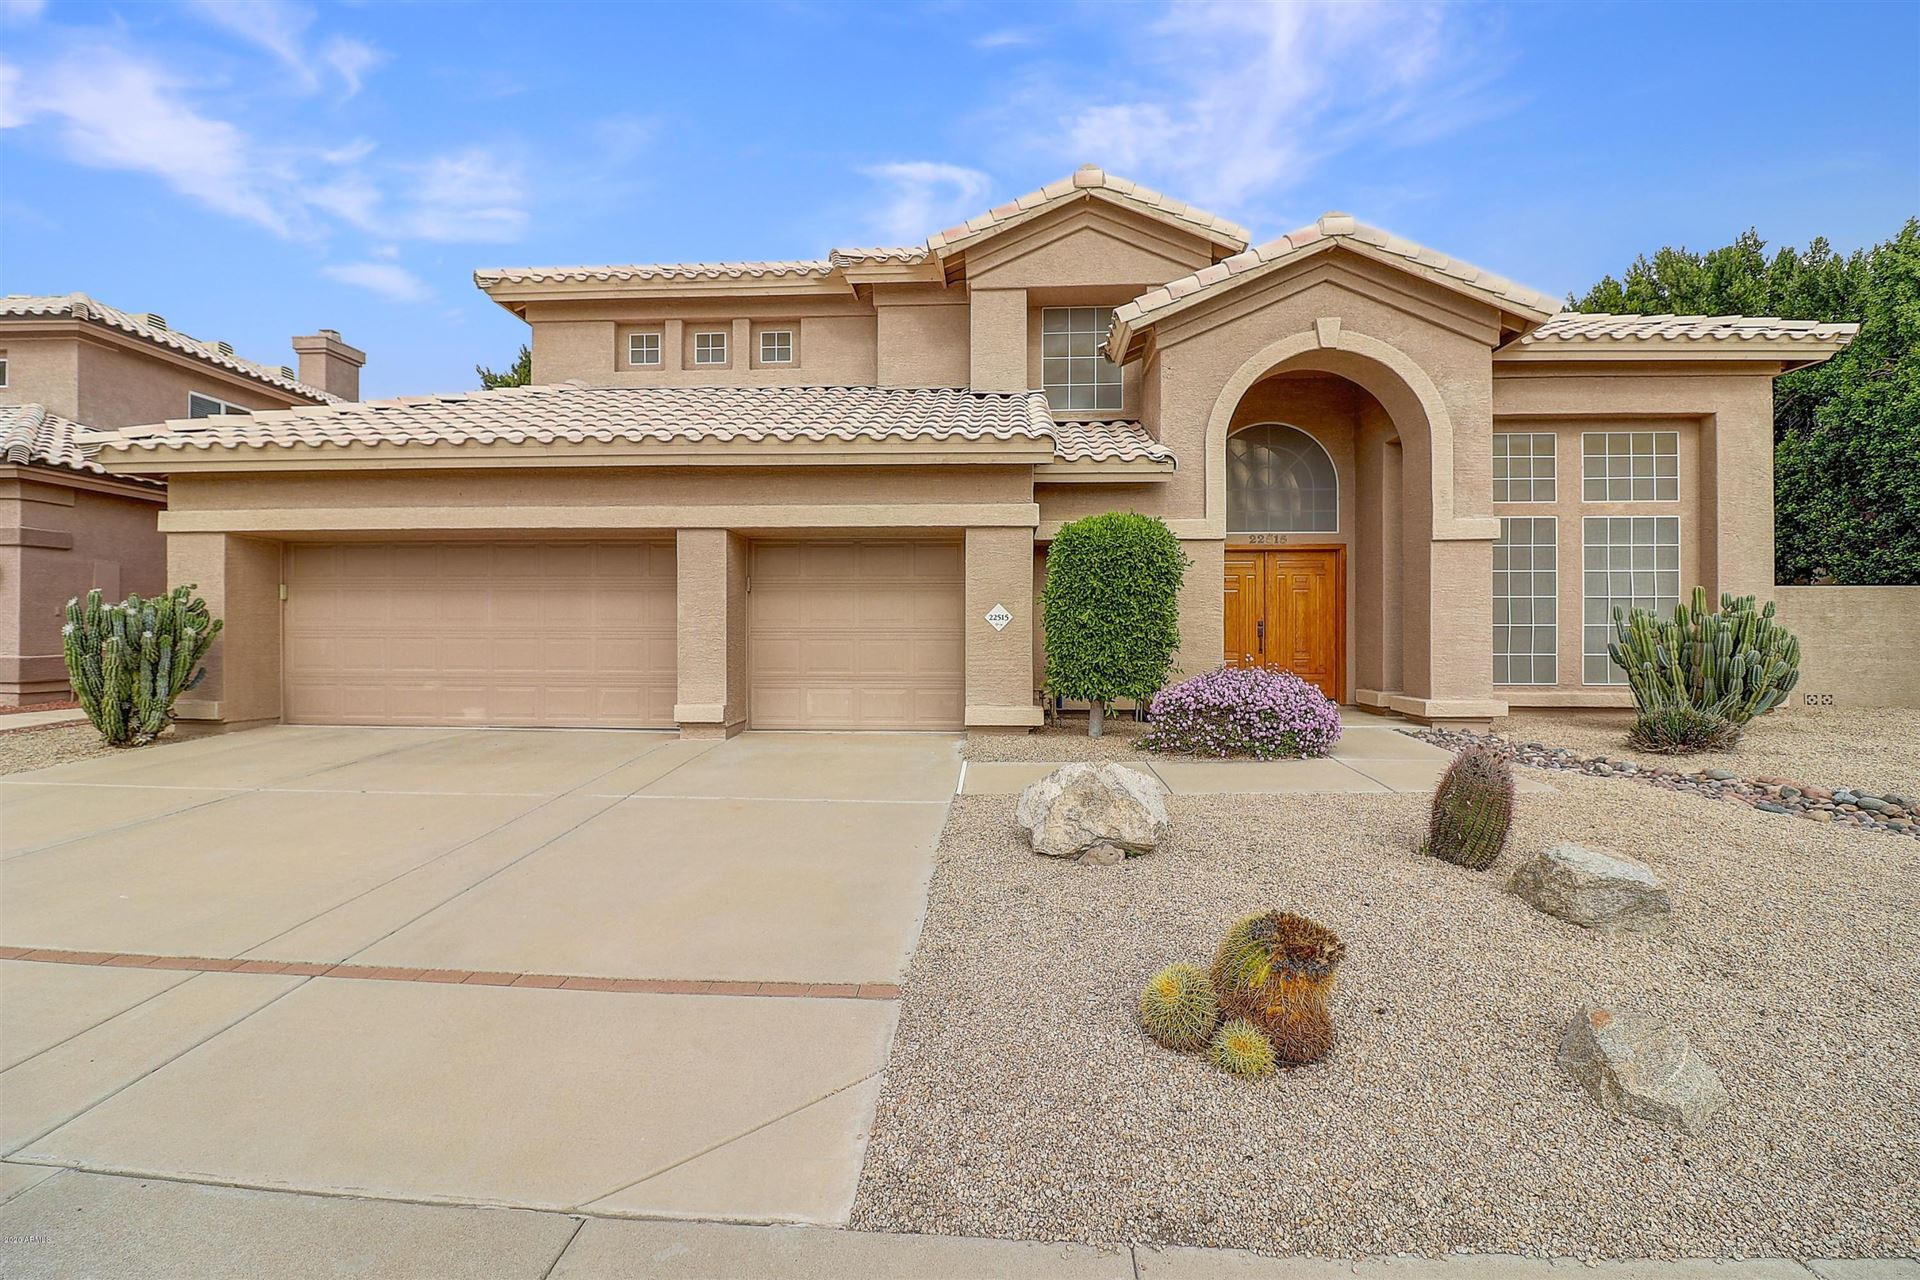 22515 N 60TH Avenue, Glendale, AZ 85310 - #: 6043790